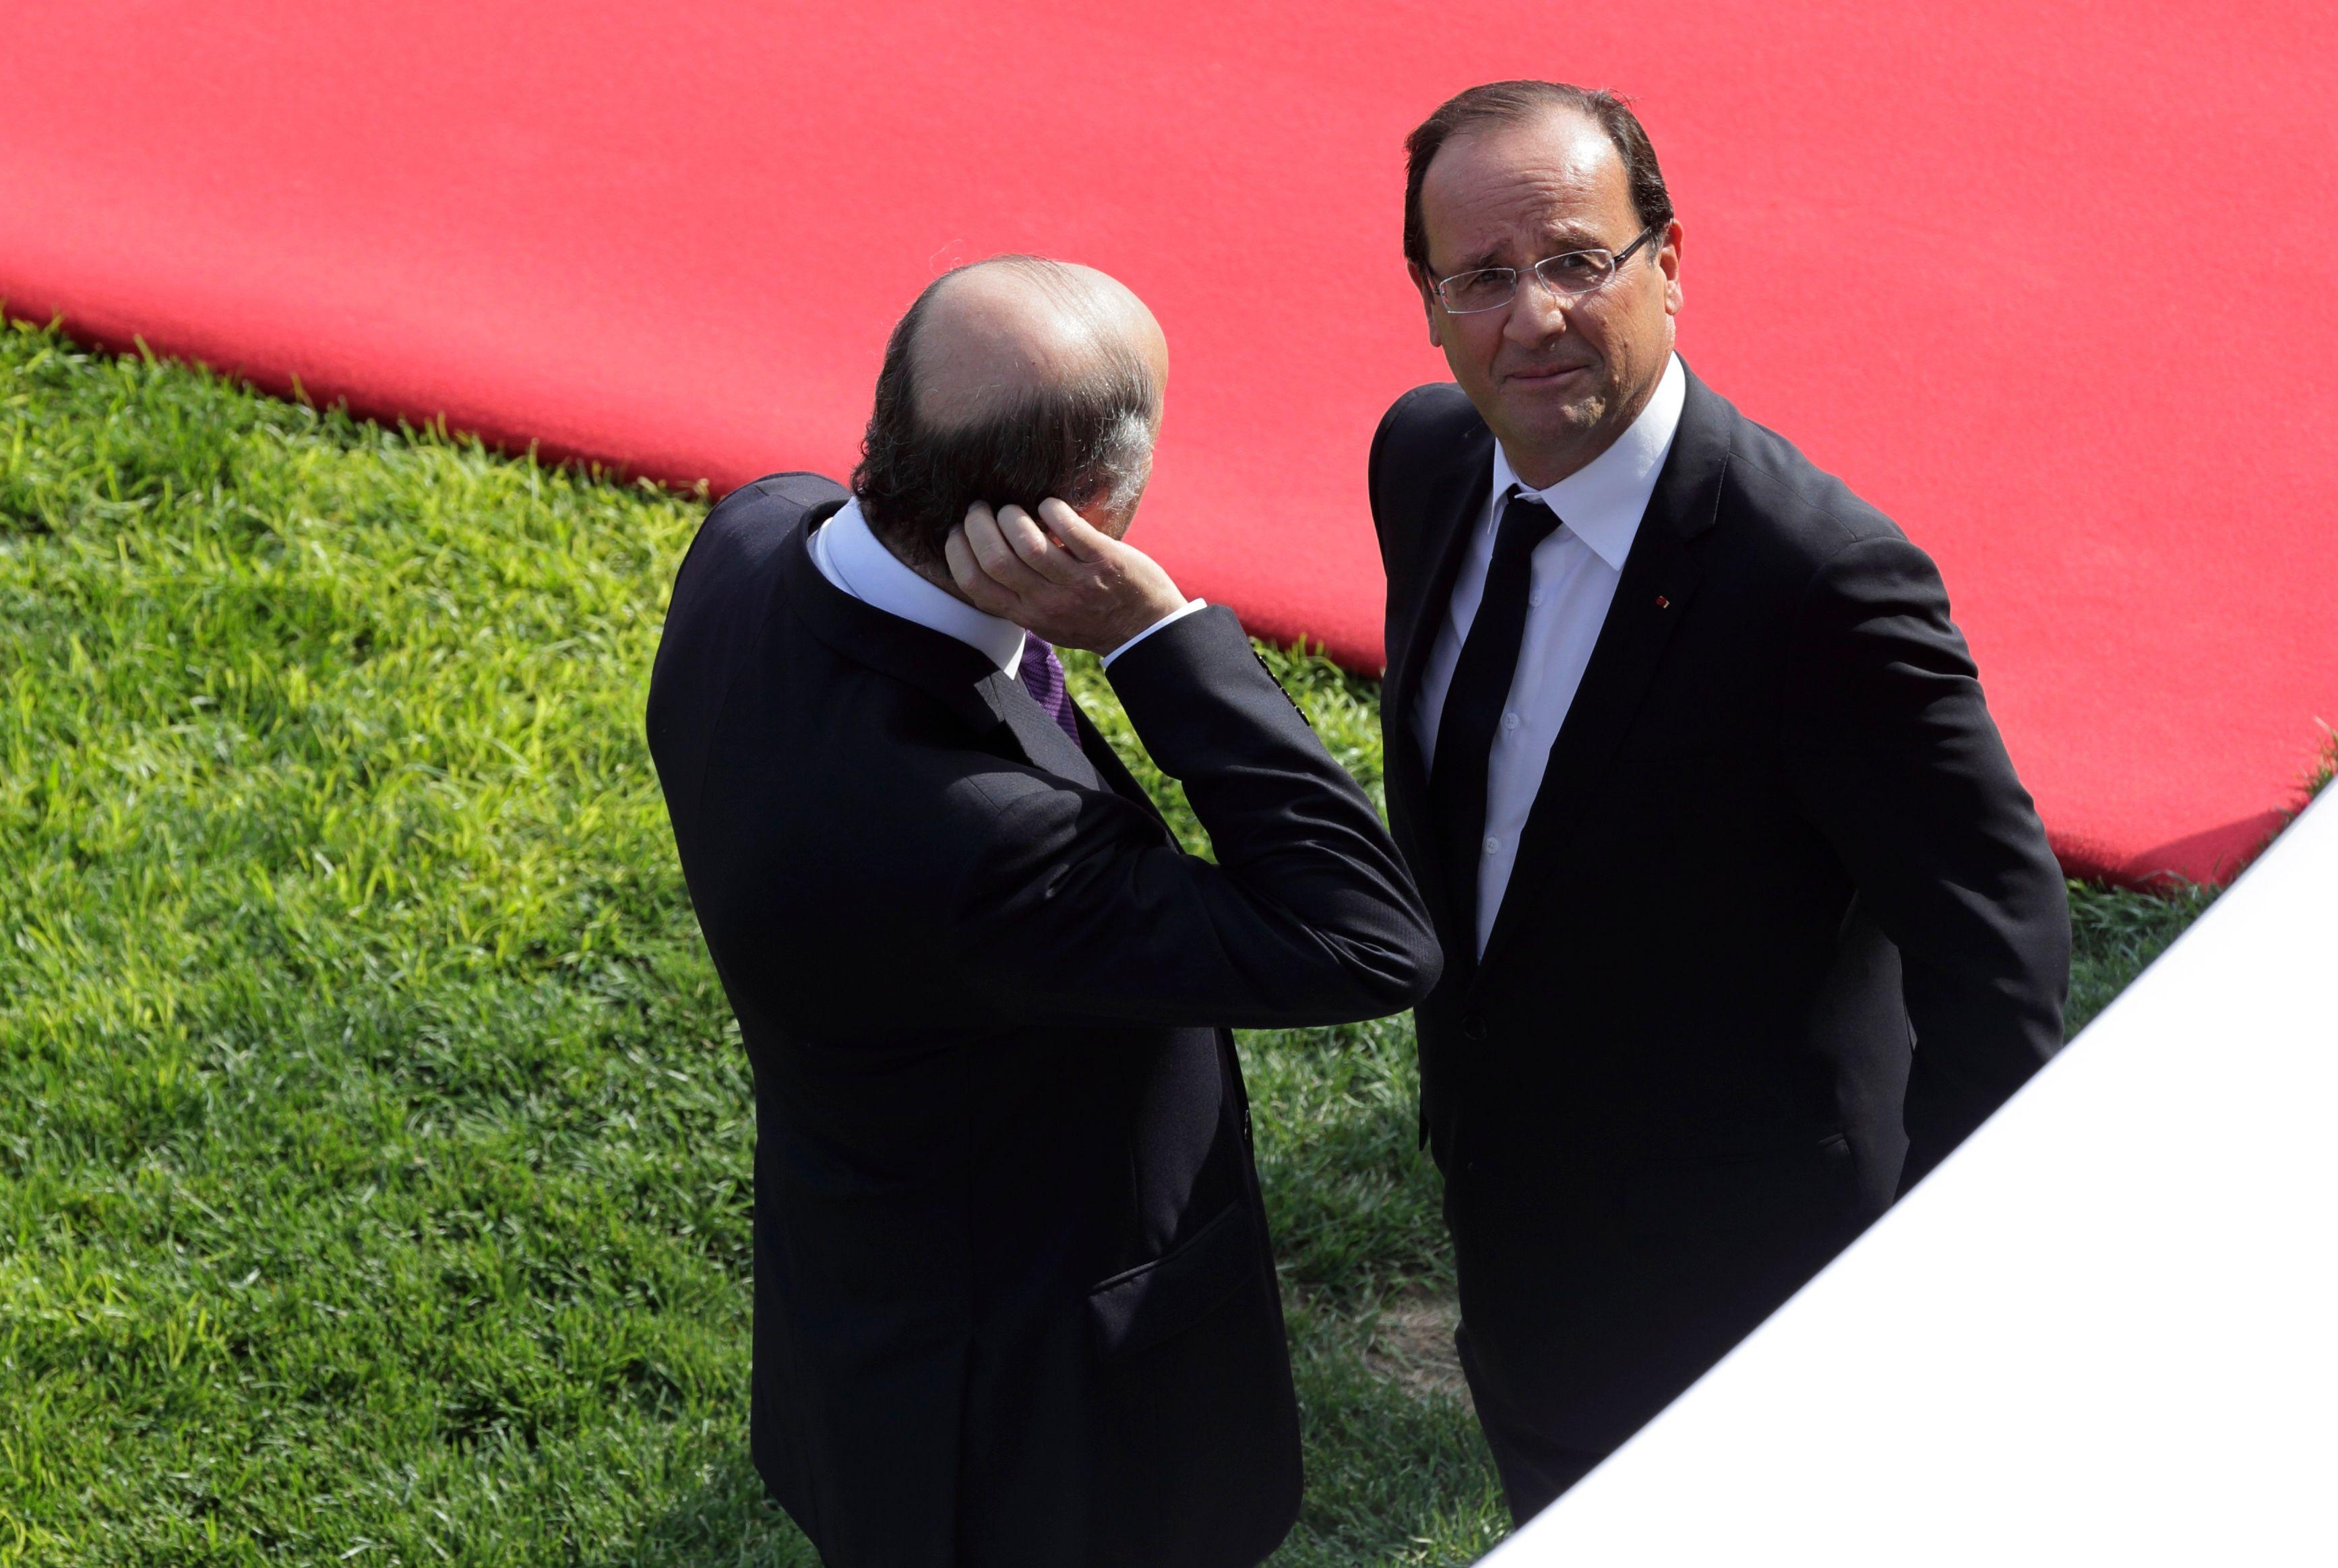 15 ans d'habiletés politiques et de demi-mensonges: comment François Hollande ne s'est jamais donné les moyens de mener la politique à laquelle il croit